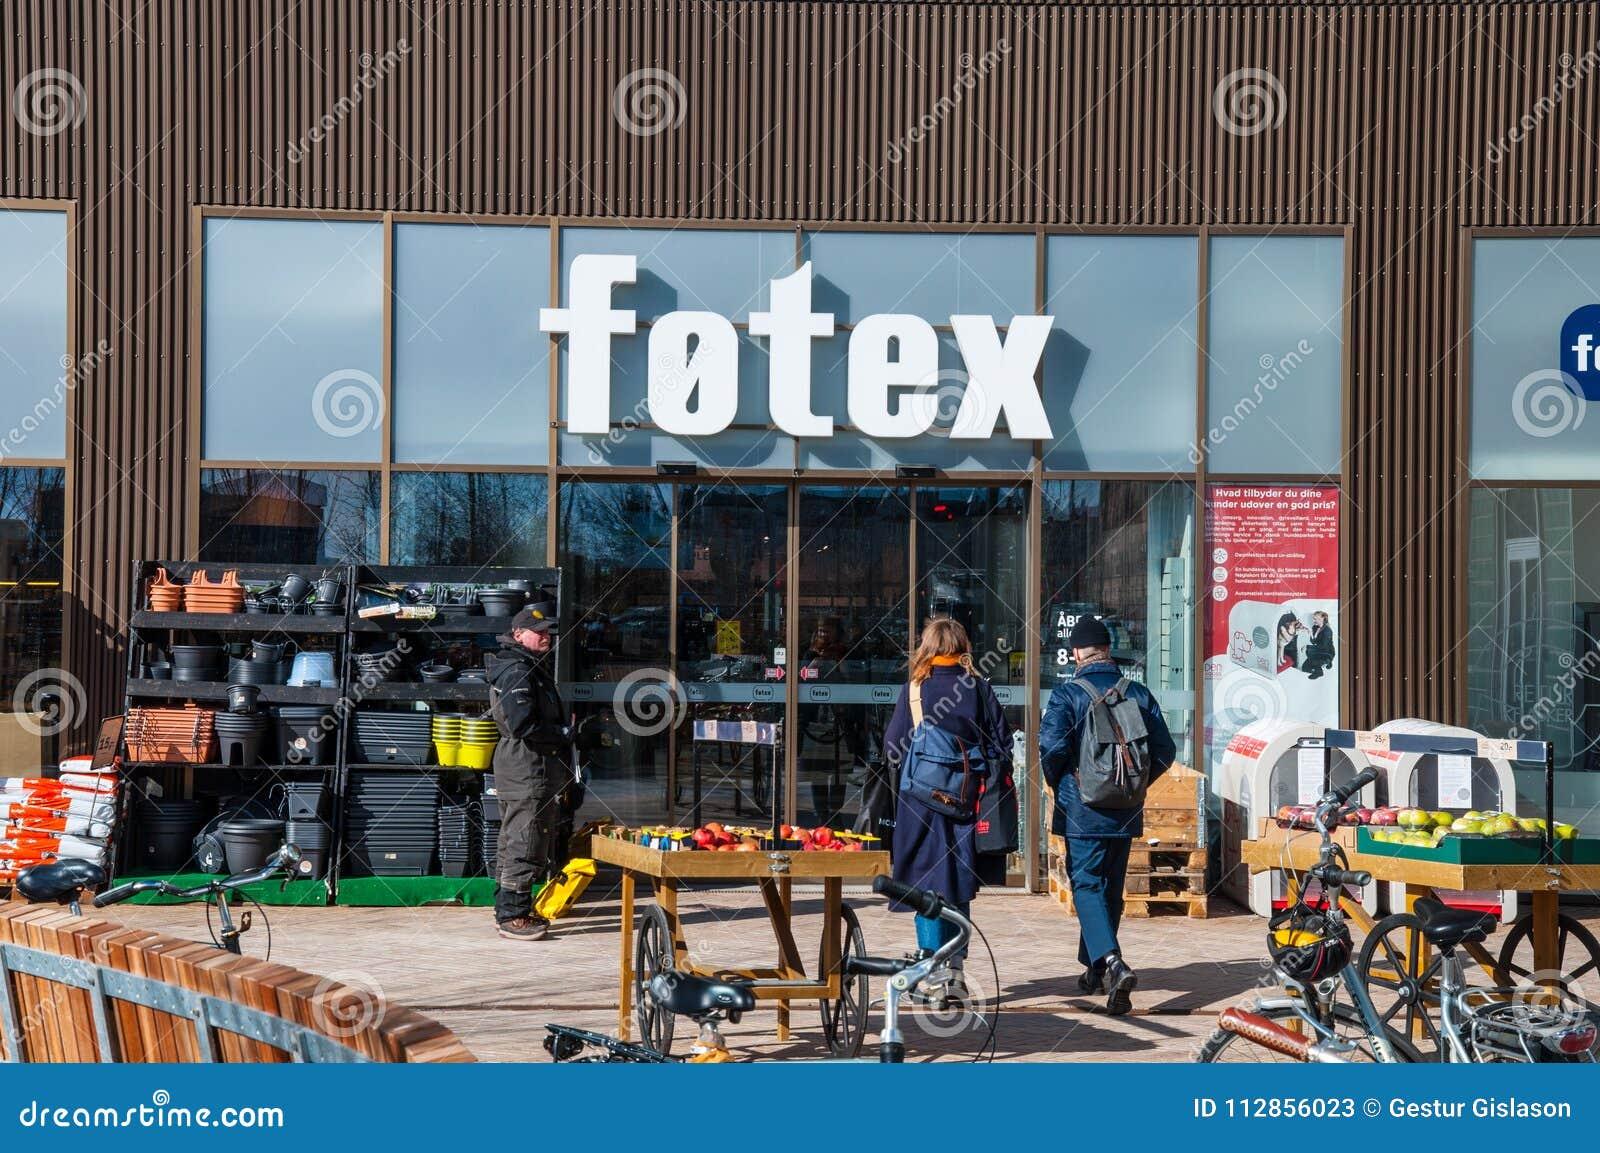 Jong paar naar een supermarkt lopen en een dakloze persoon die een krant verkopen